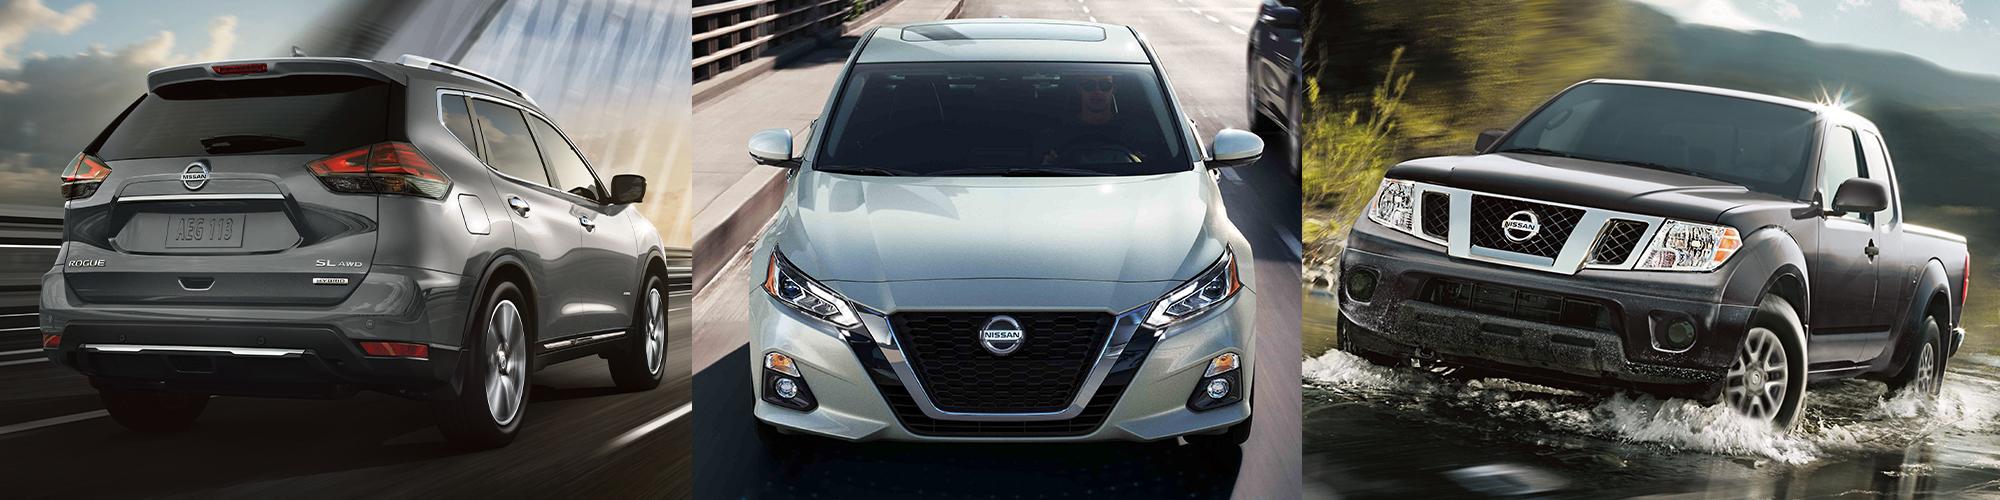 2019 Nissan Models